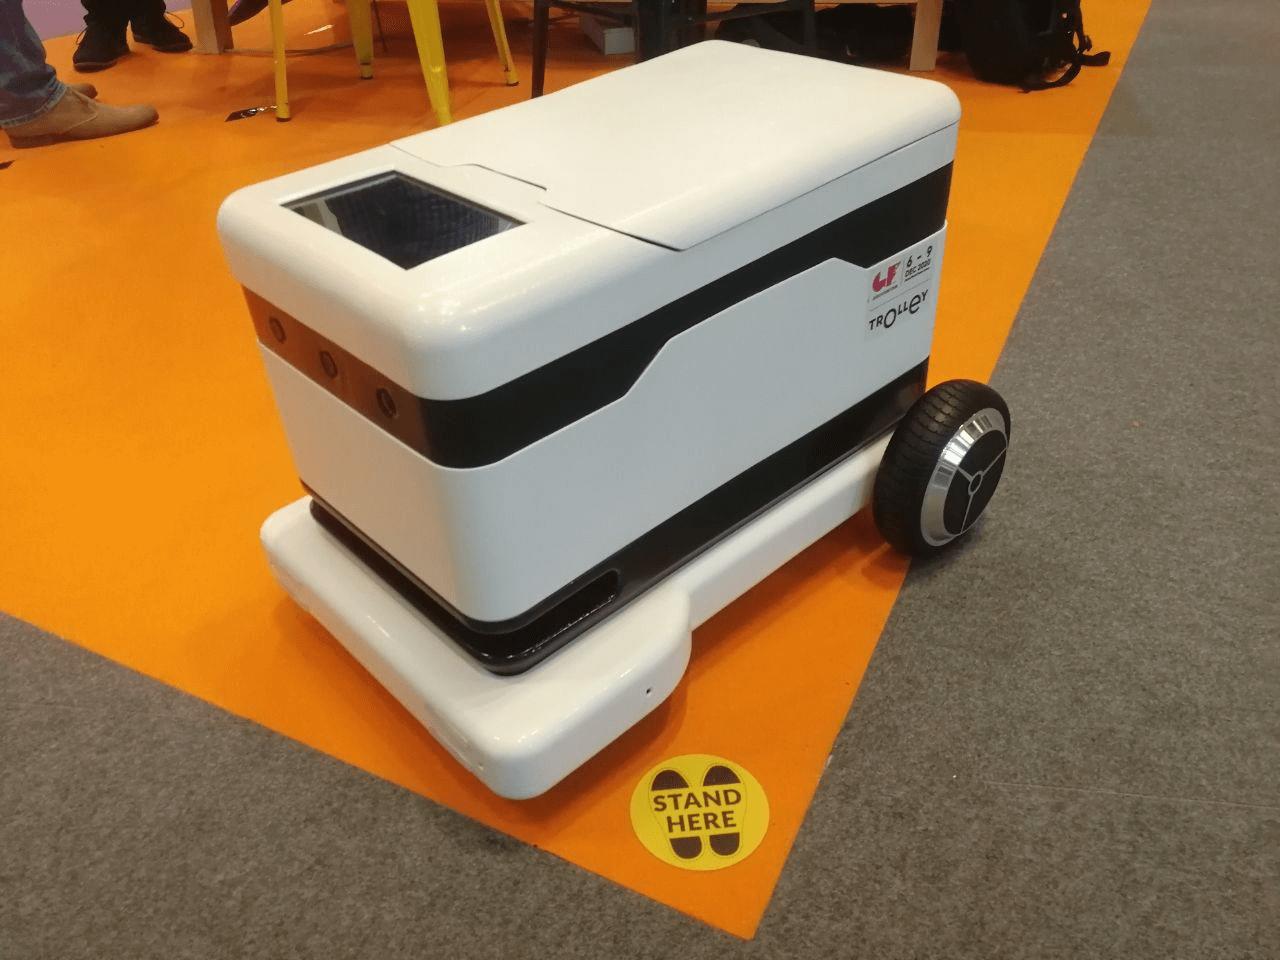 Международная hi-tech выставка Gitex — 2020: робот-доставщик и очки дополненной реальности